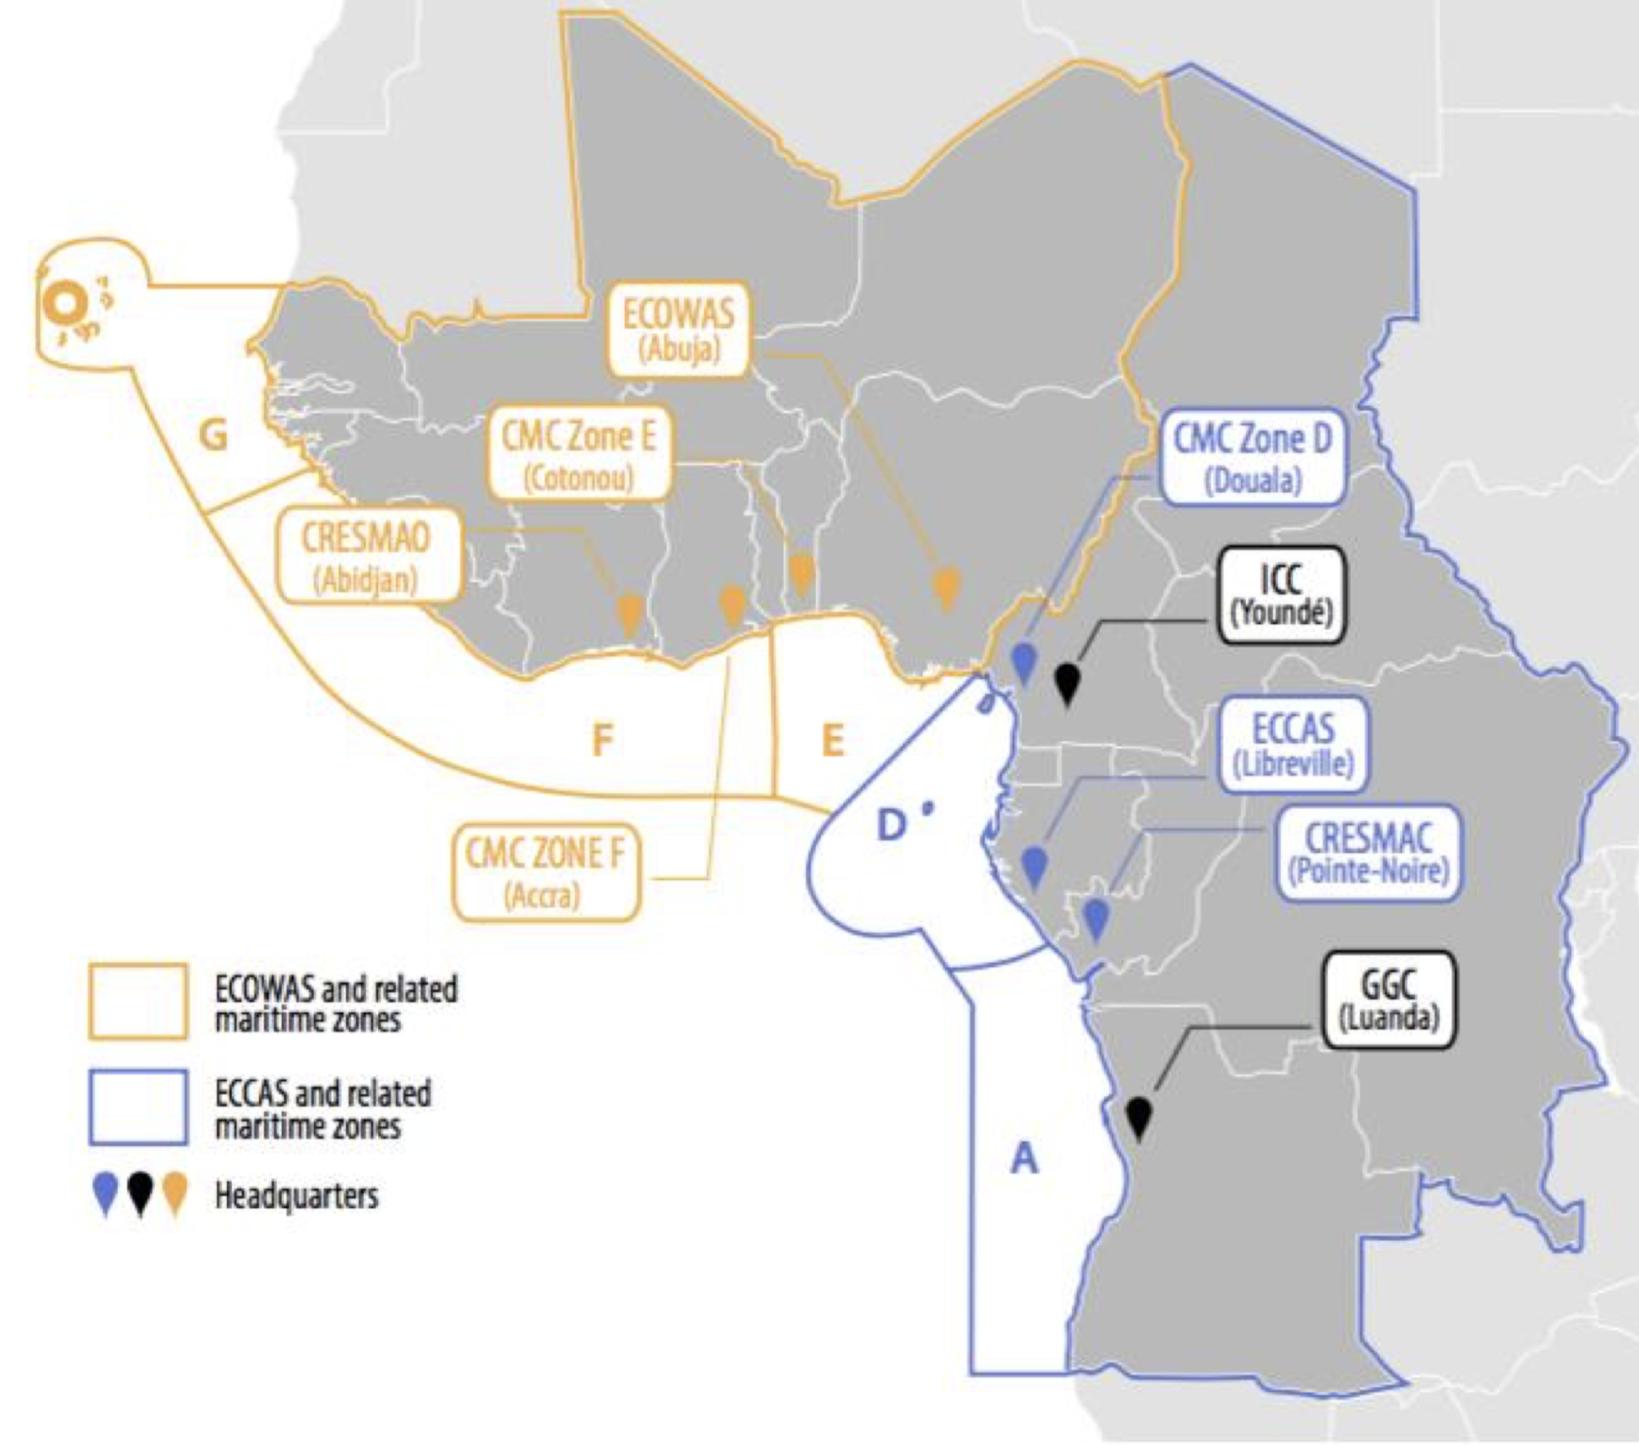 ICC et CMC Golfe de Guinée décrivent avec la CEDEAO, la CEEAC et les zones maritimes connexes.